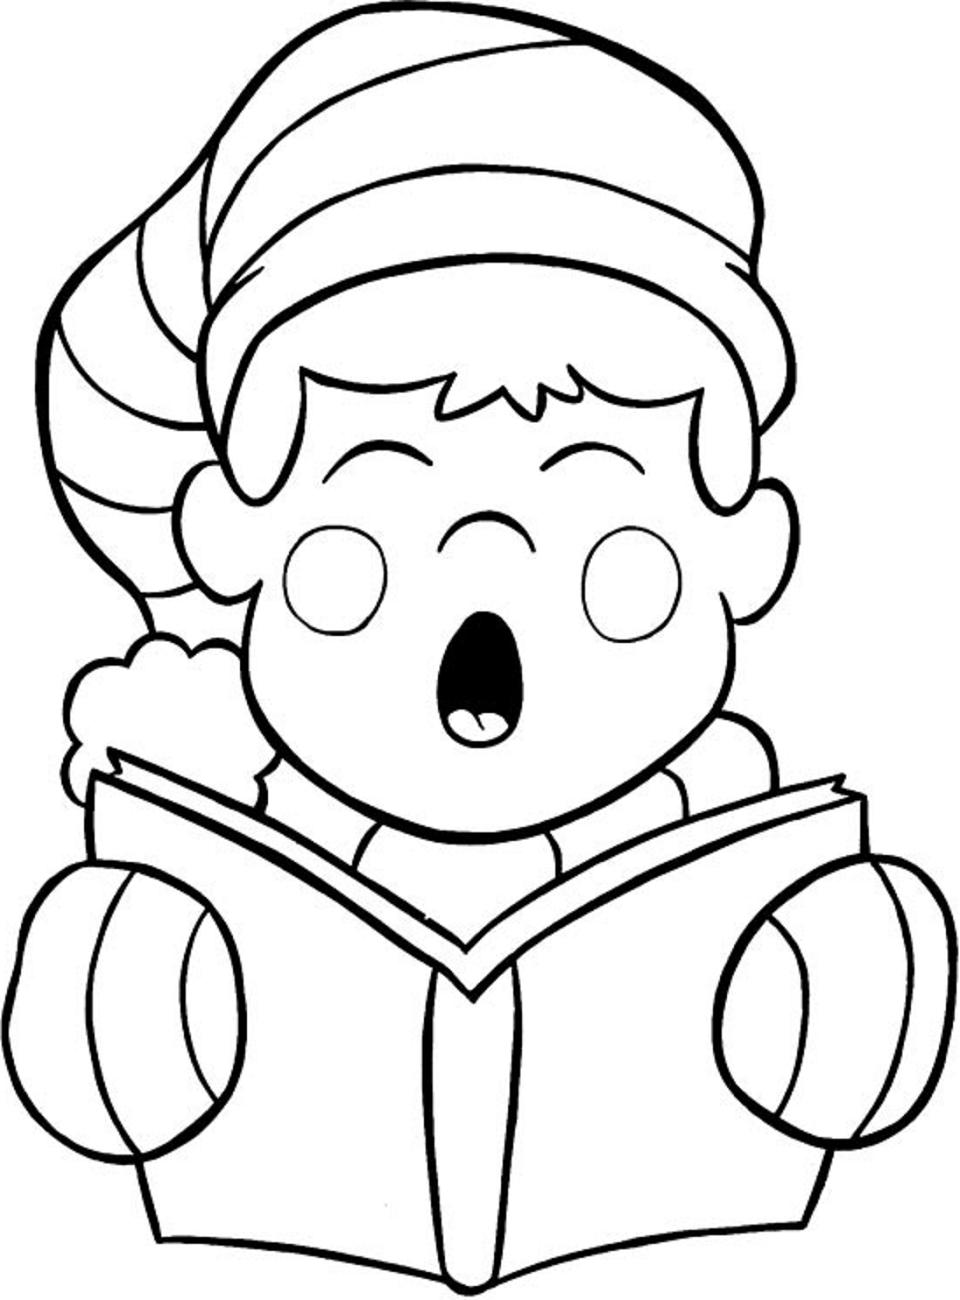 Dibujos De Niño Leyendo Libro En Navidad Para Colorear